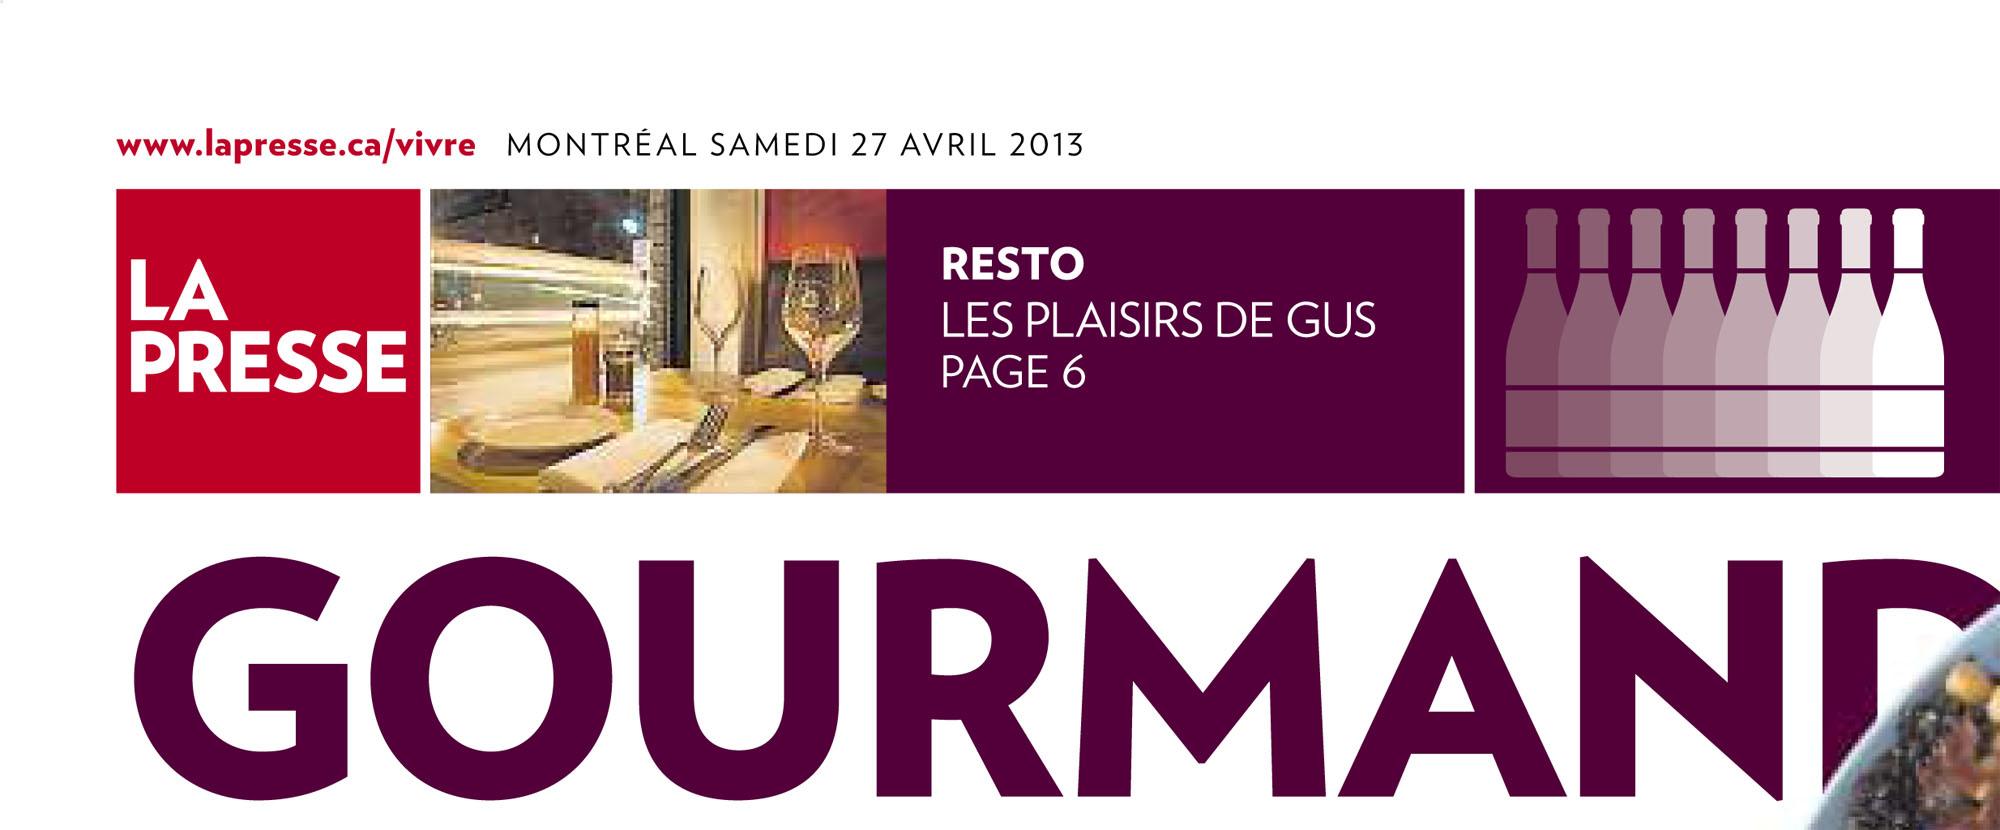 La Presse Resto Les plaisirs de Gus : Photo Anne Gauthier